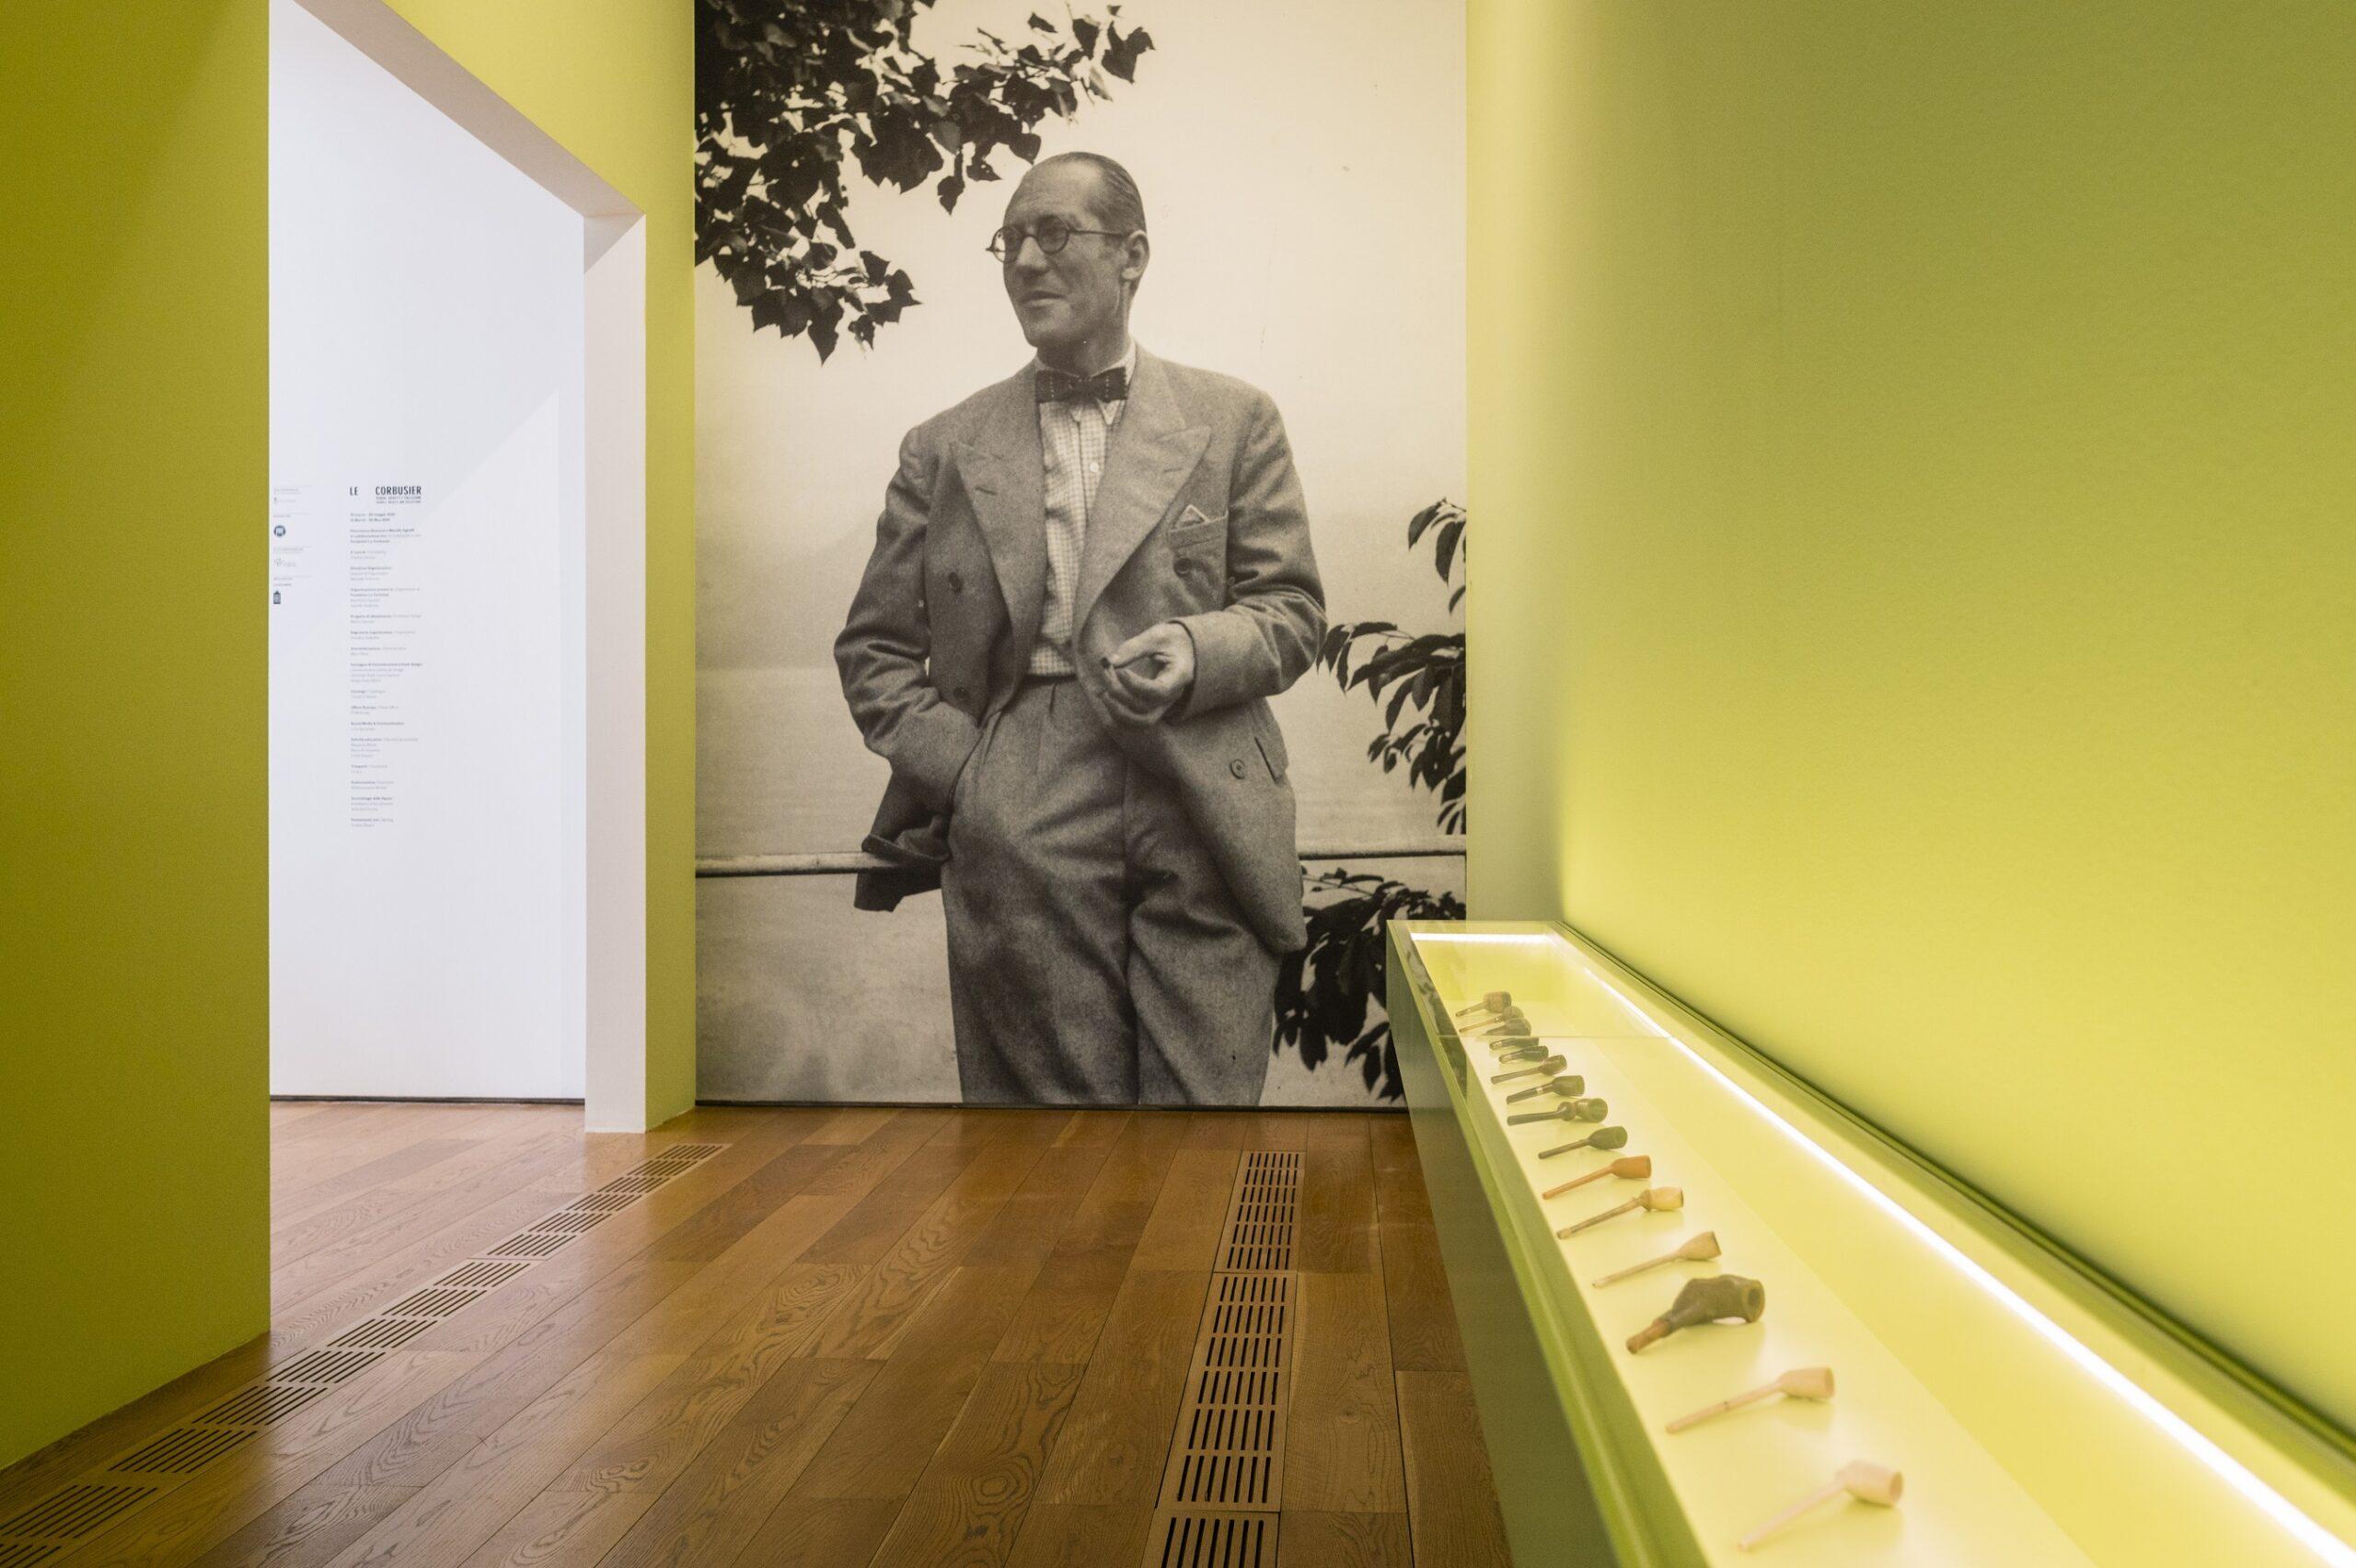 Le Corbusier. Viaggi, oggetti e collezioni: la mostra alla Pinacoteca Agnelli, Torino